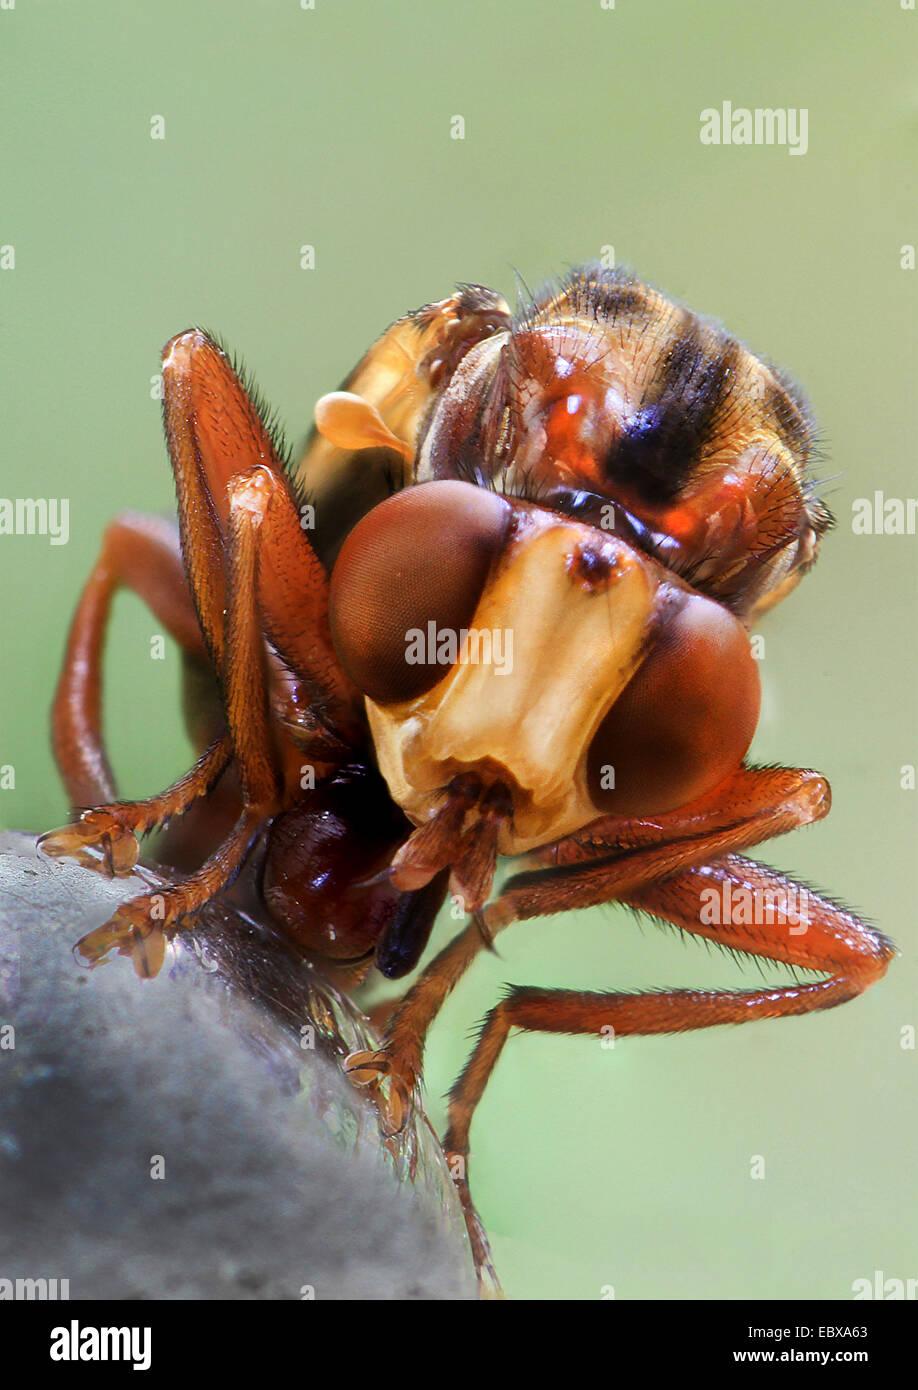 unter der Leitung von dicken fliegen (Conopidae), Porträt, Deutschland Stockbild